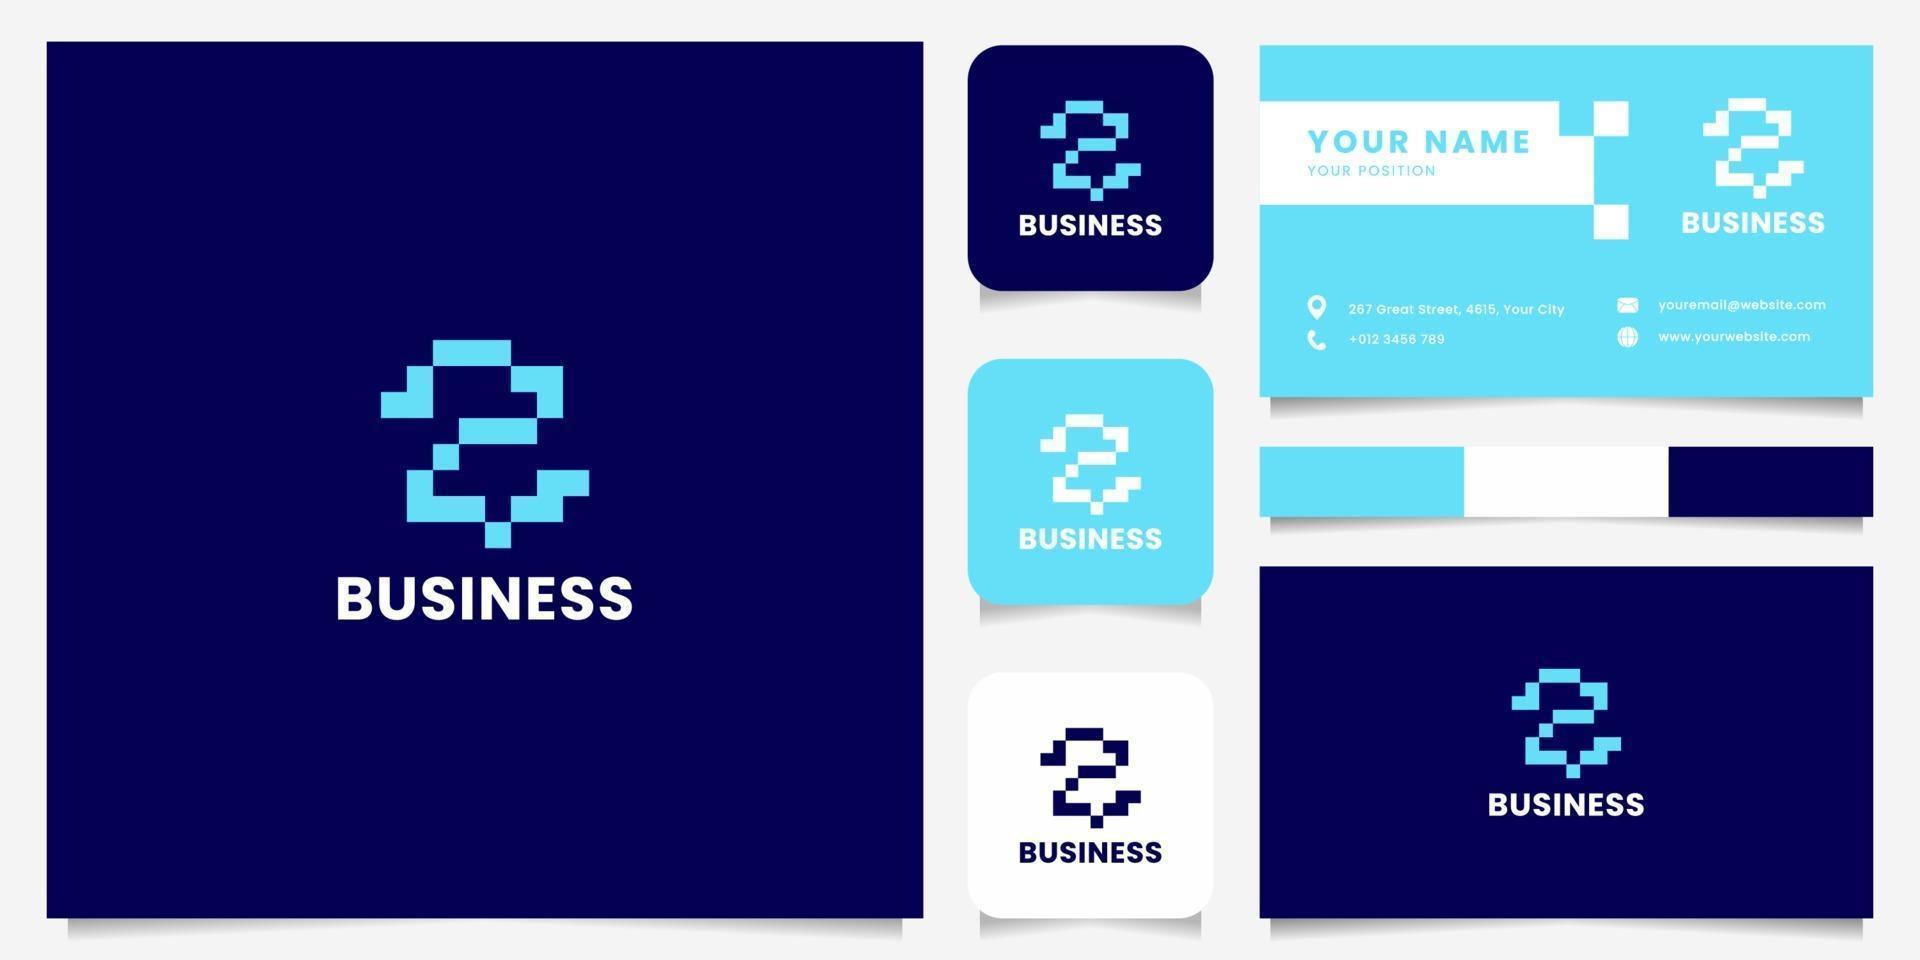 eenvoudig en minimalistisch blauw pixel letter z-logo met sjabloon voor visitekaartjes vector